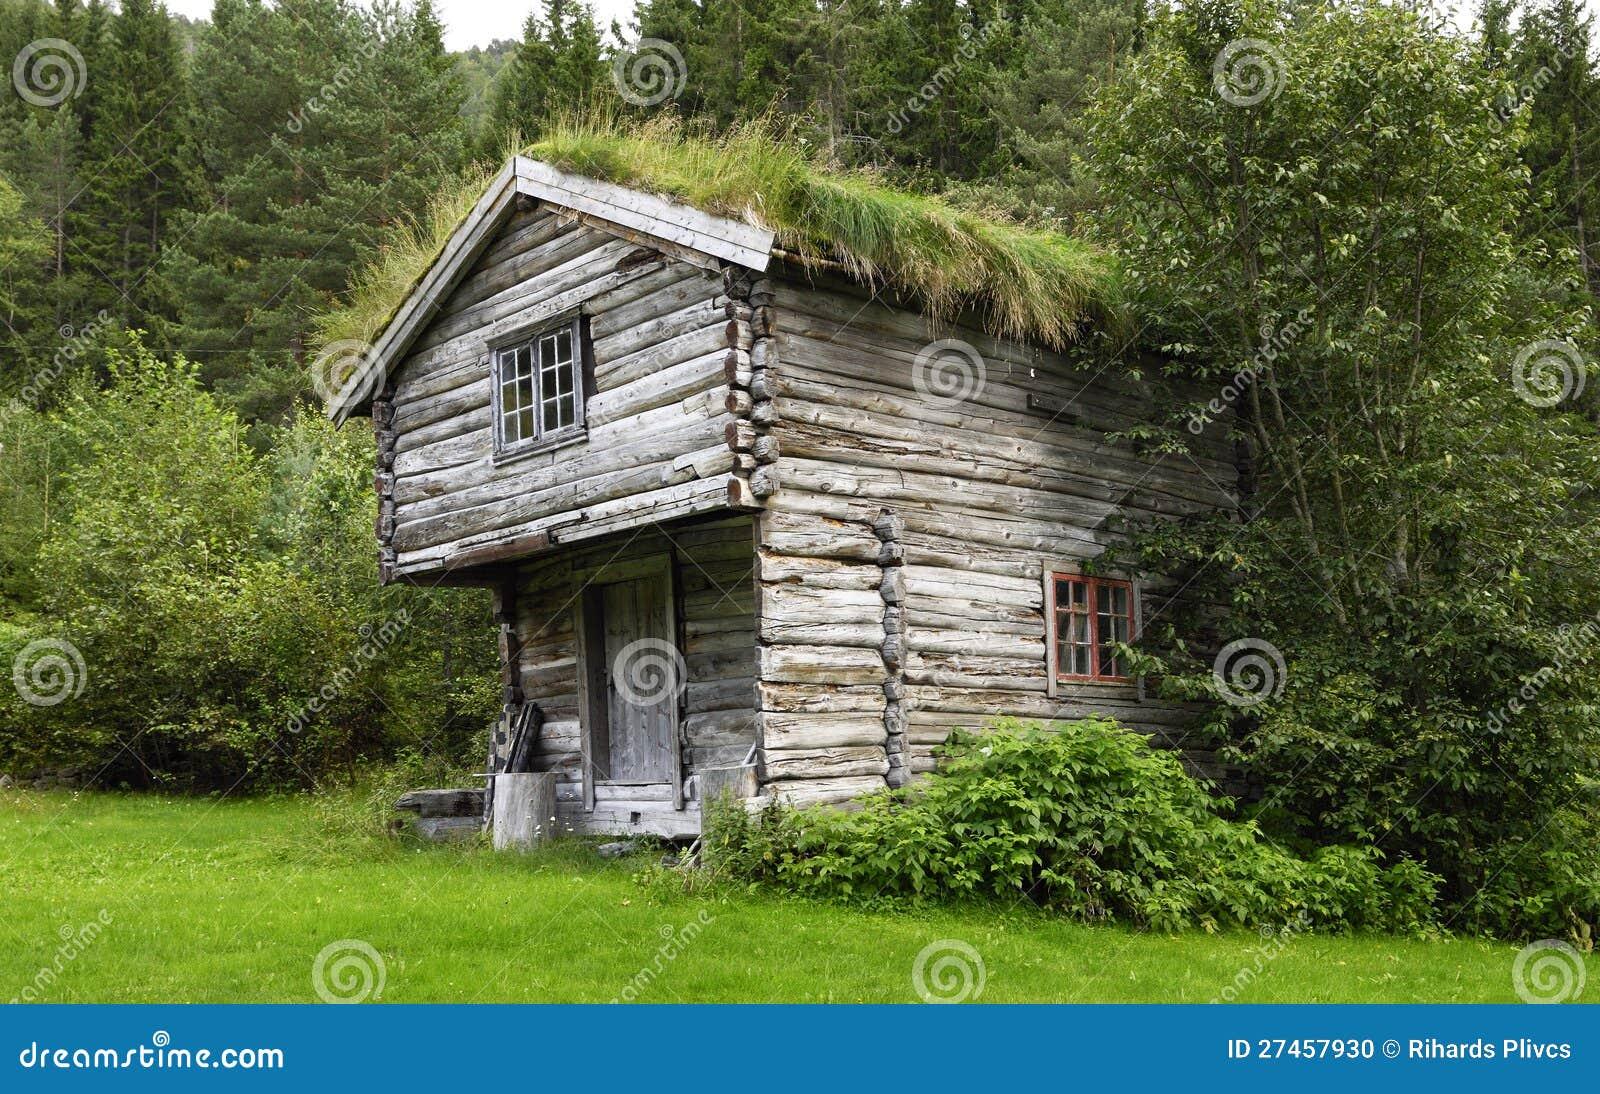 Bauen Sie Historisches Haus In Norwegen Mit Gras uf oo Um ... size: 1300 x 906 post ID: 2 File size: 0 B